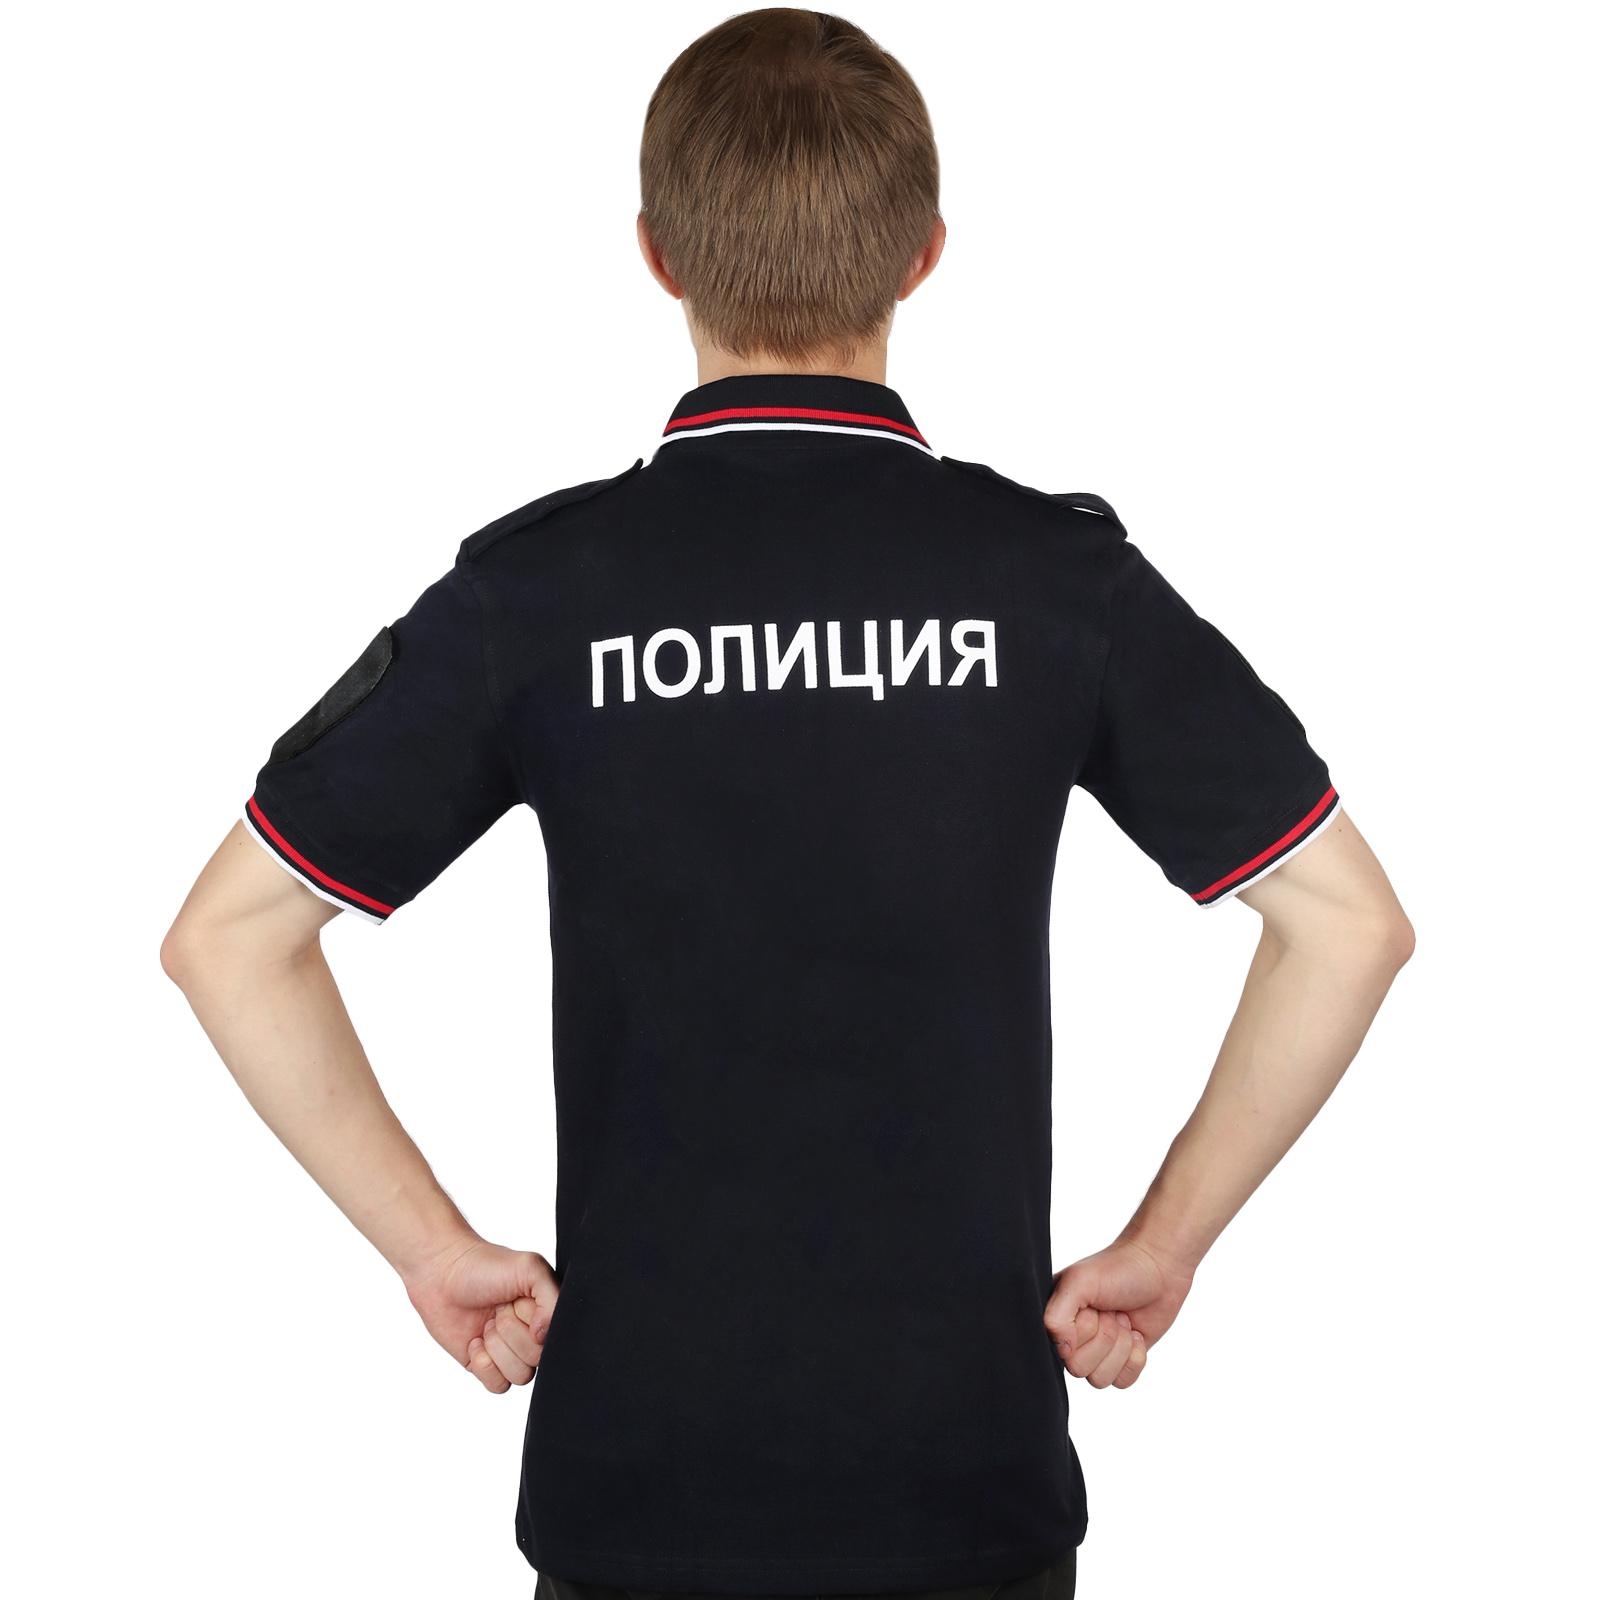 Полицейская футболка поло с надписью на спине